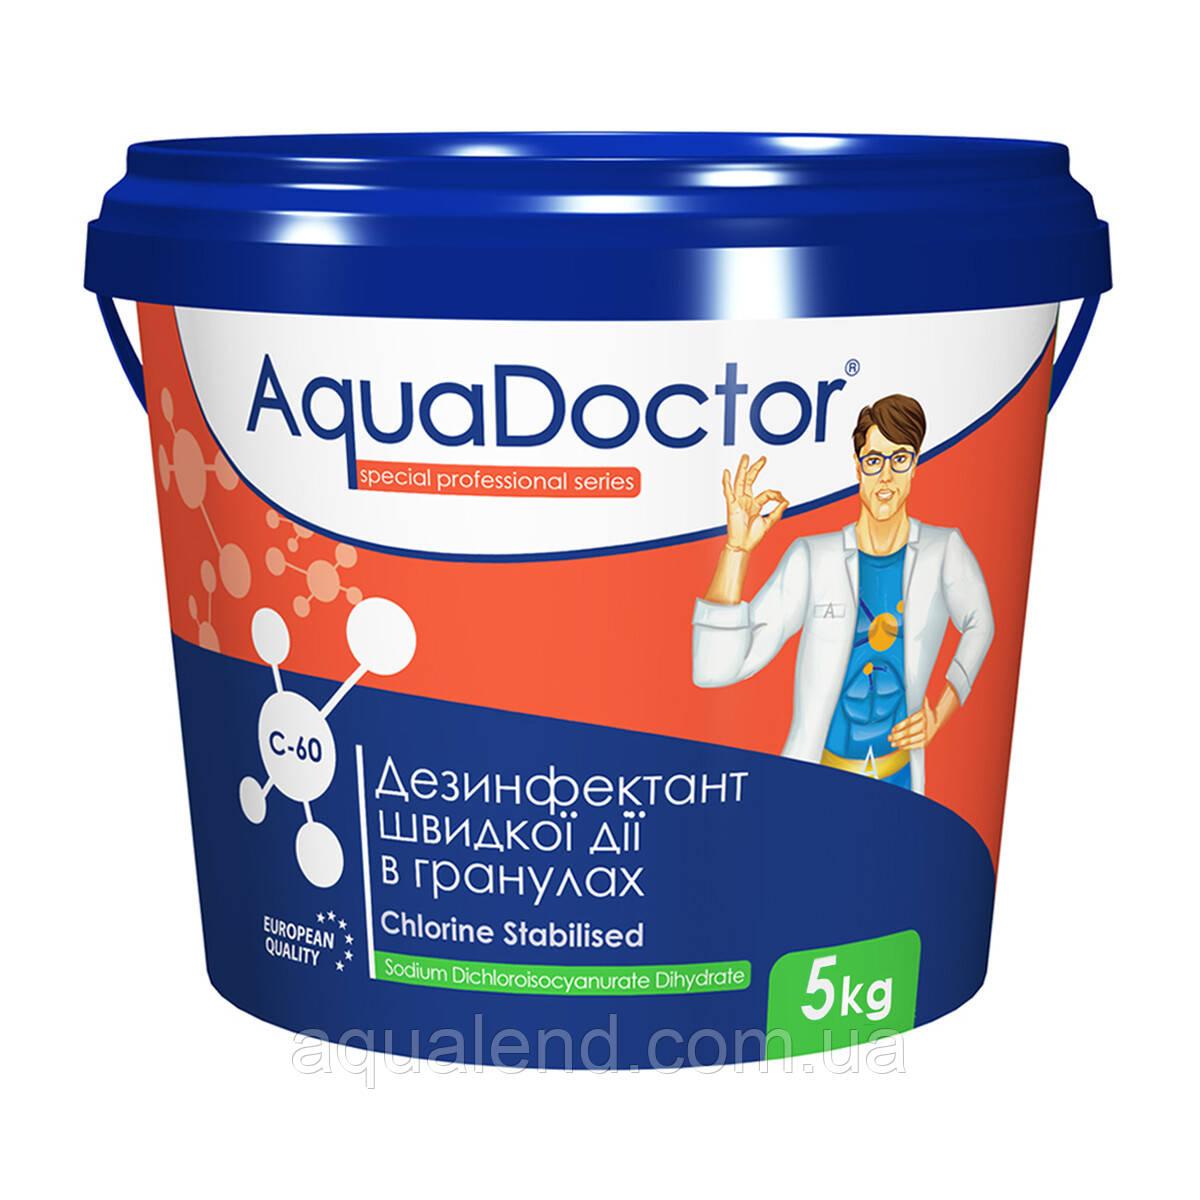 Быстрорастворимый шок хлор для бассейна C-60, 5кг, в гранулах, AquaDoctor